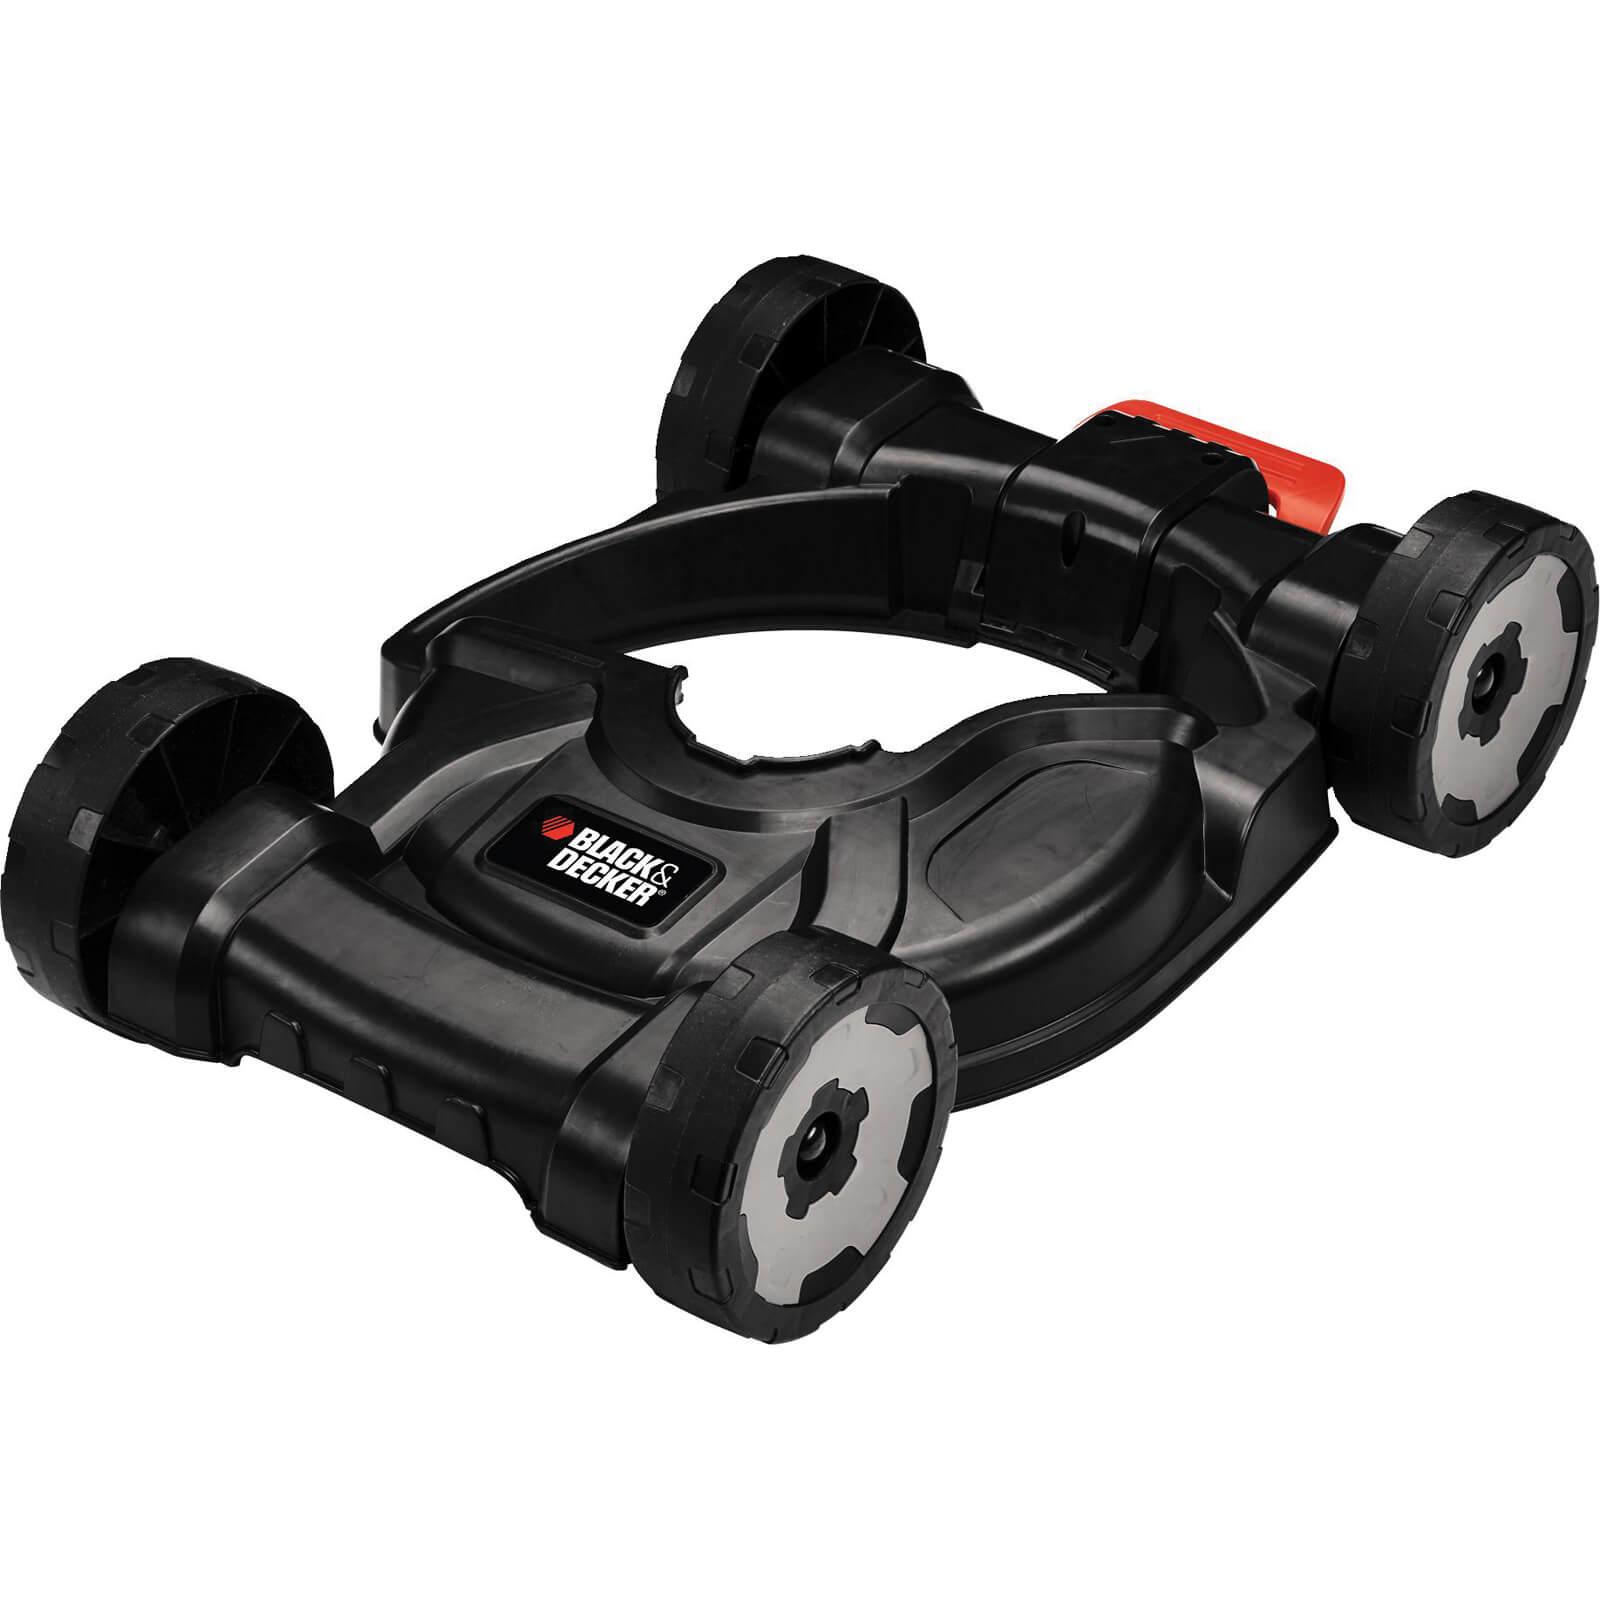 Black & Decker CM100 3 in 1 Mower Deck Only